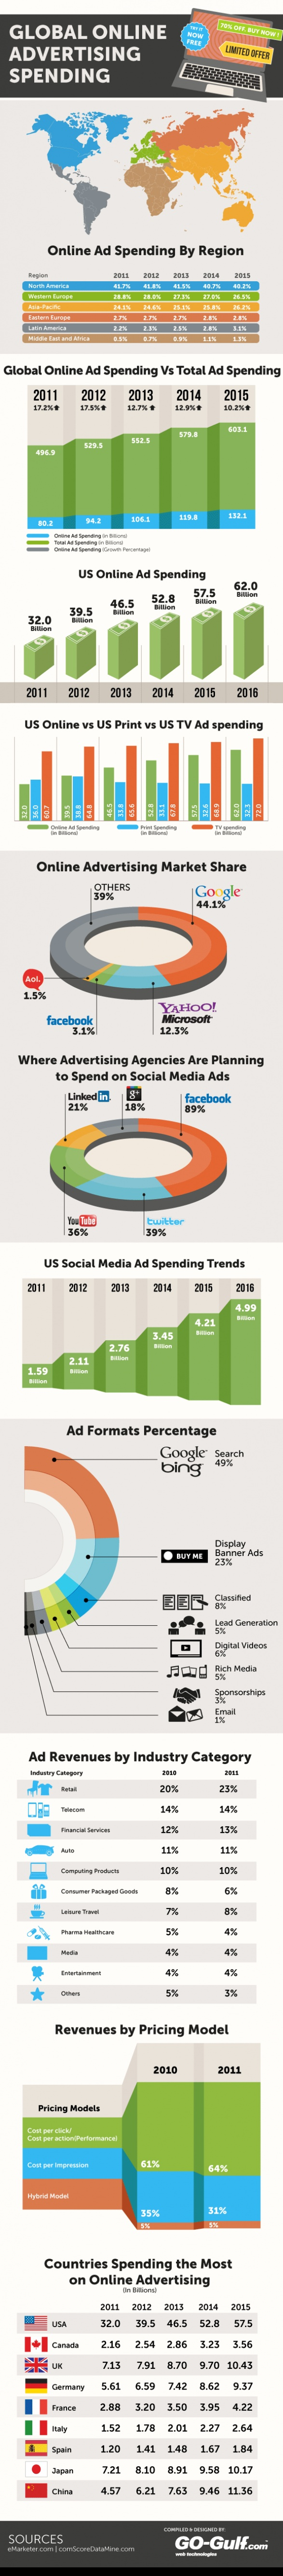 Global Online Advertising Spend: Internet Marketing, Digital Marketing, Online Advertising, Global Online, Publicidad Online, Website, Social Media, Socialmedia, Adverti Spend